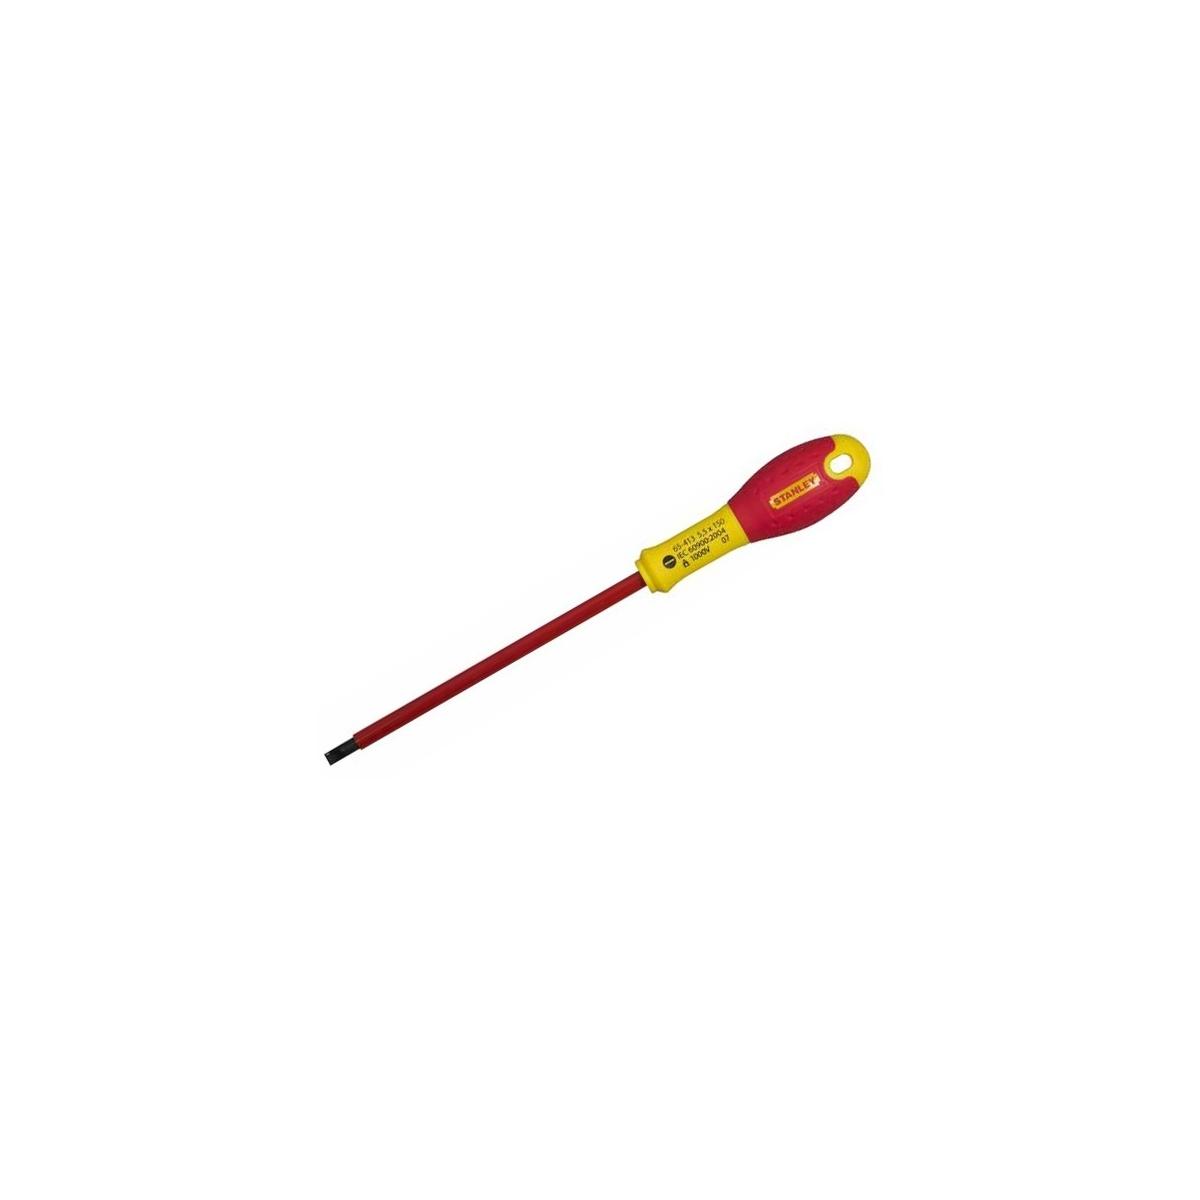 WKRĘTAK FATMAX VDE PŁ 3.5*75MM Wkrętak płaski Fatmax 3,5 x 75 mm STANLEY - 654110